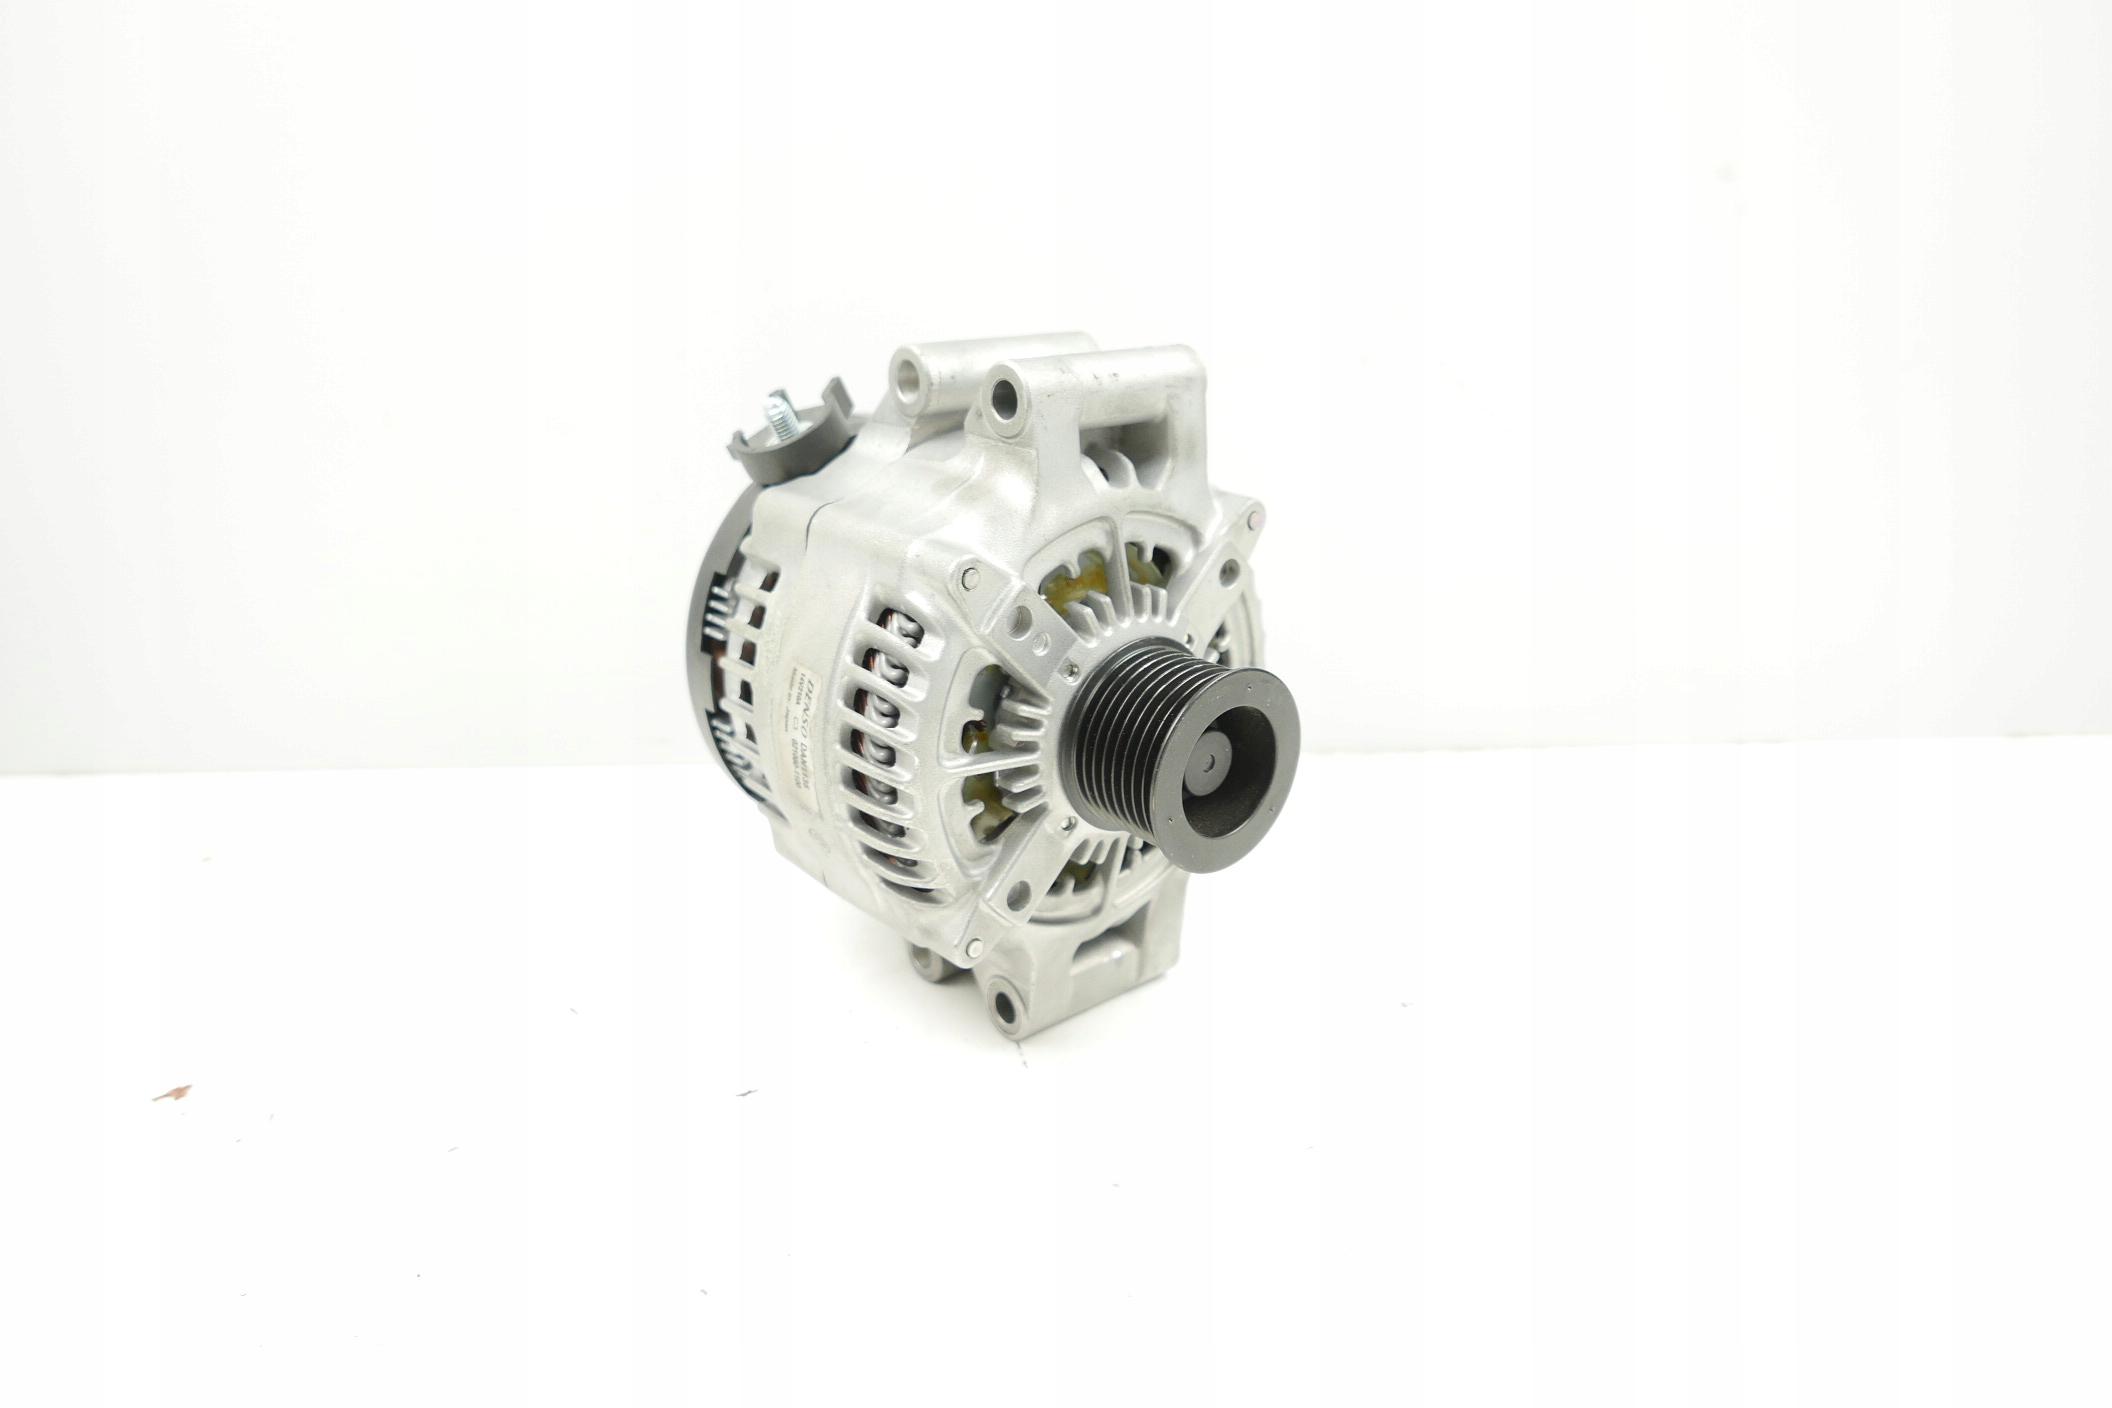 denso генератор bmw f20 f30 f10 f12 x3 x4 x5 3 0